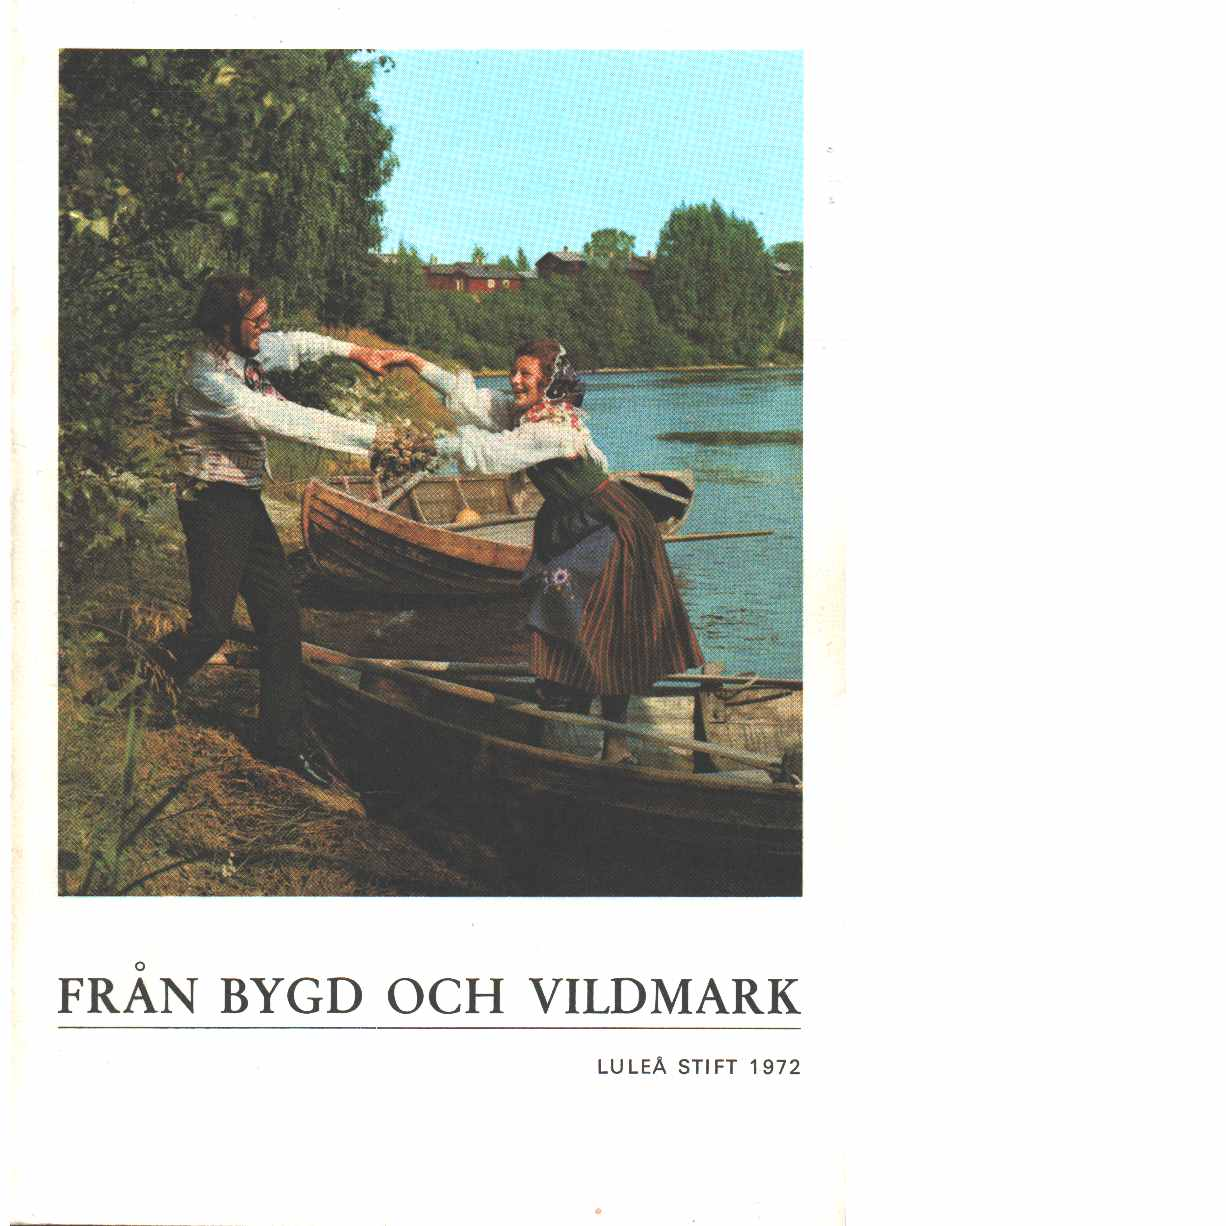 Från bygd och vildmark : Luleå stifts årsbok  - Red.